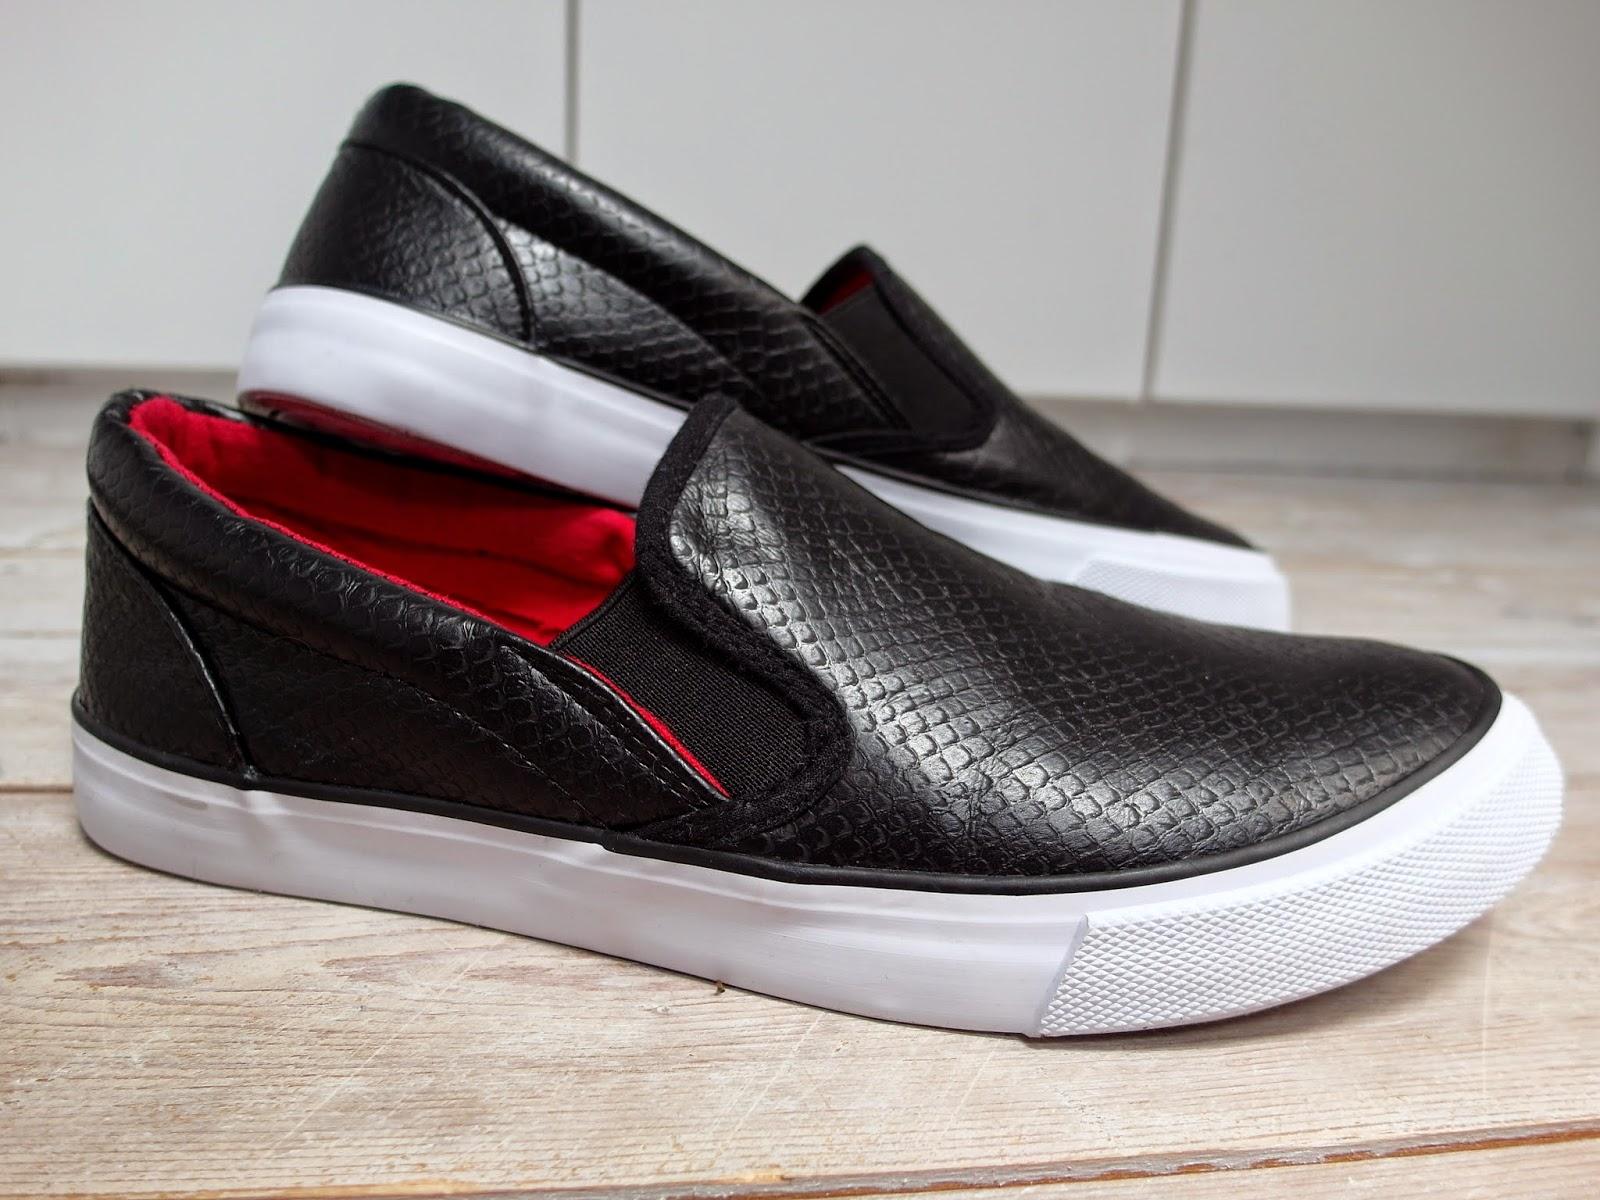 New in   Zwarte slip ons sneakers, vesten en riemen